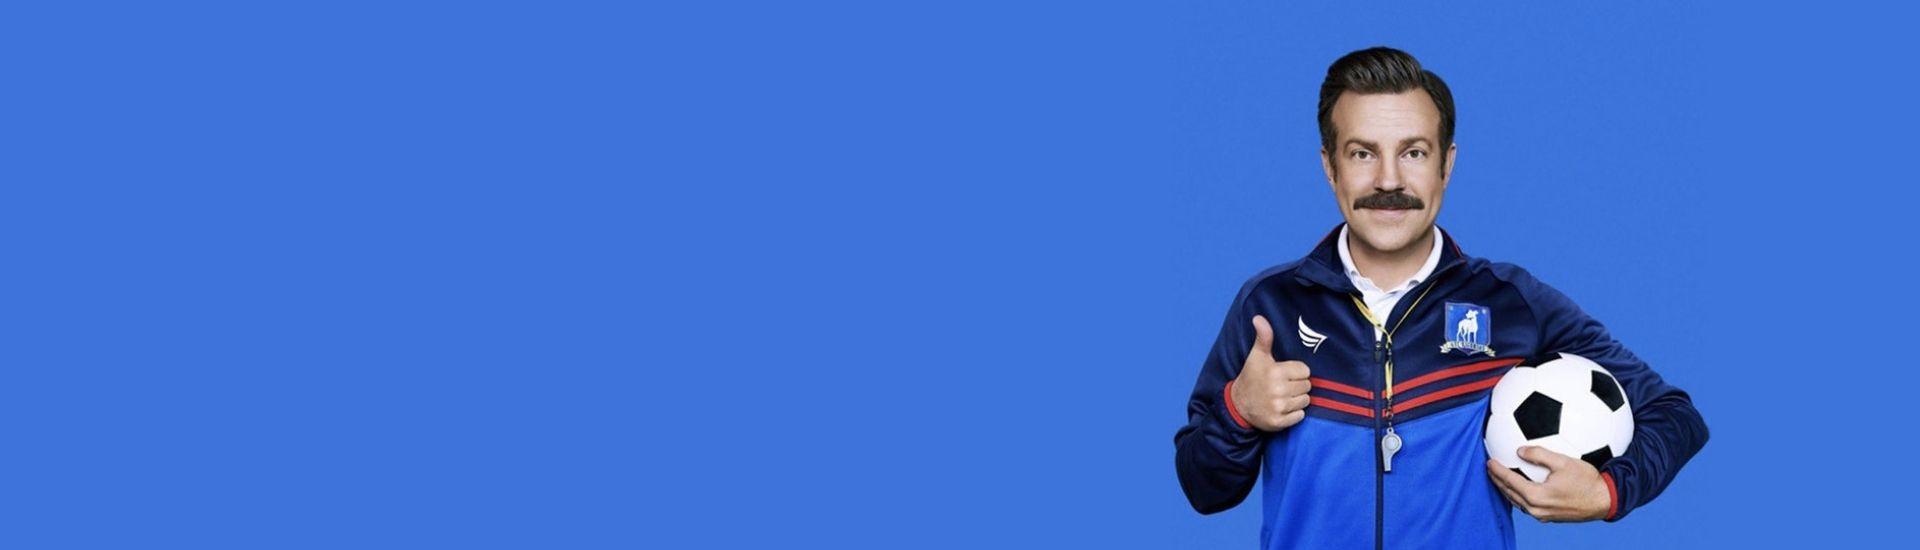 Imagen de Ted Lasso, protagonista de la serie del mismo nombre que se transmite en Apple TV